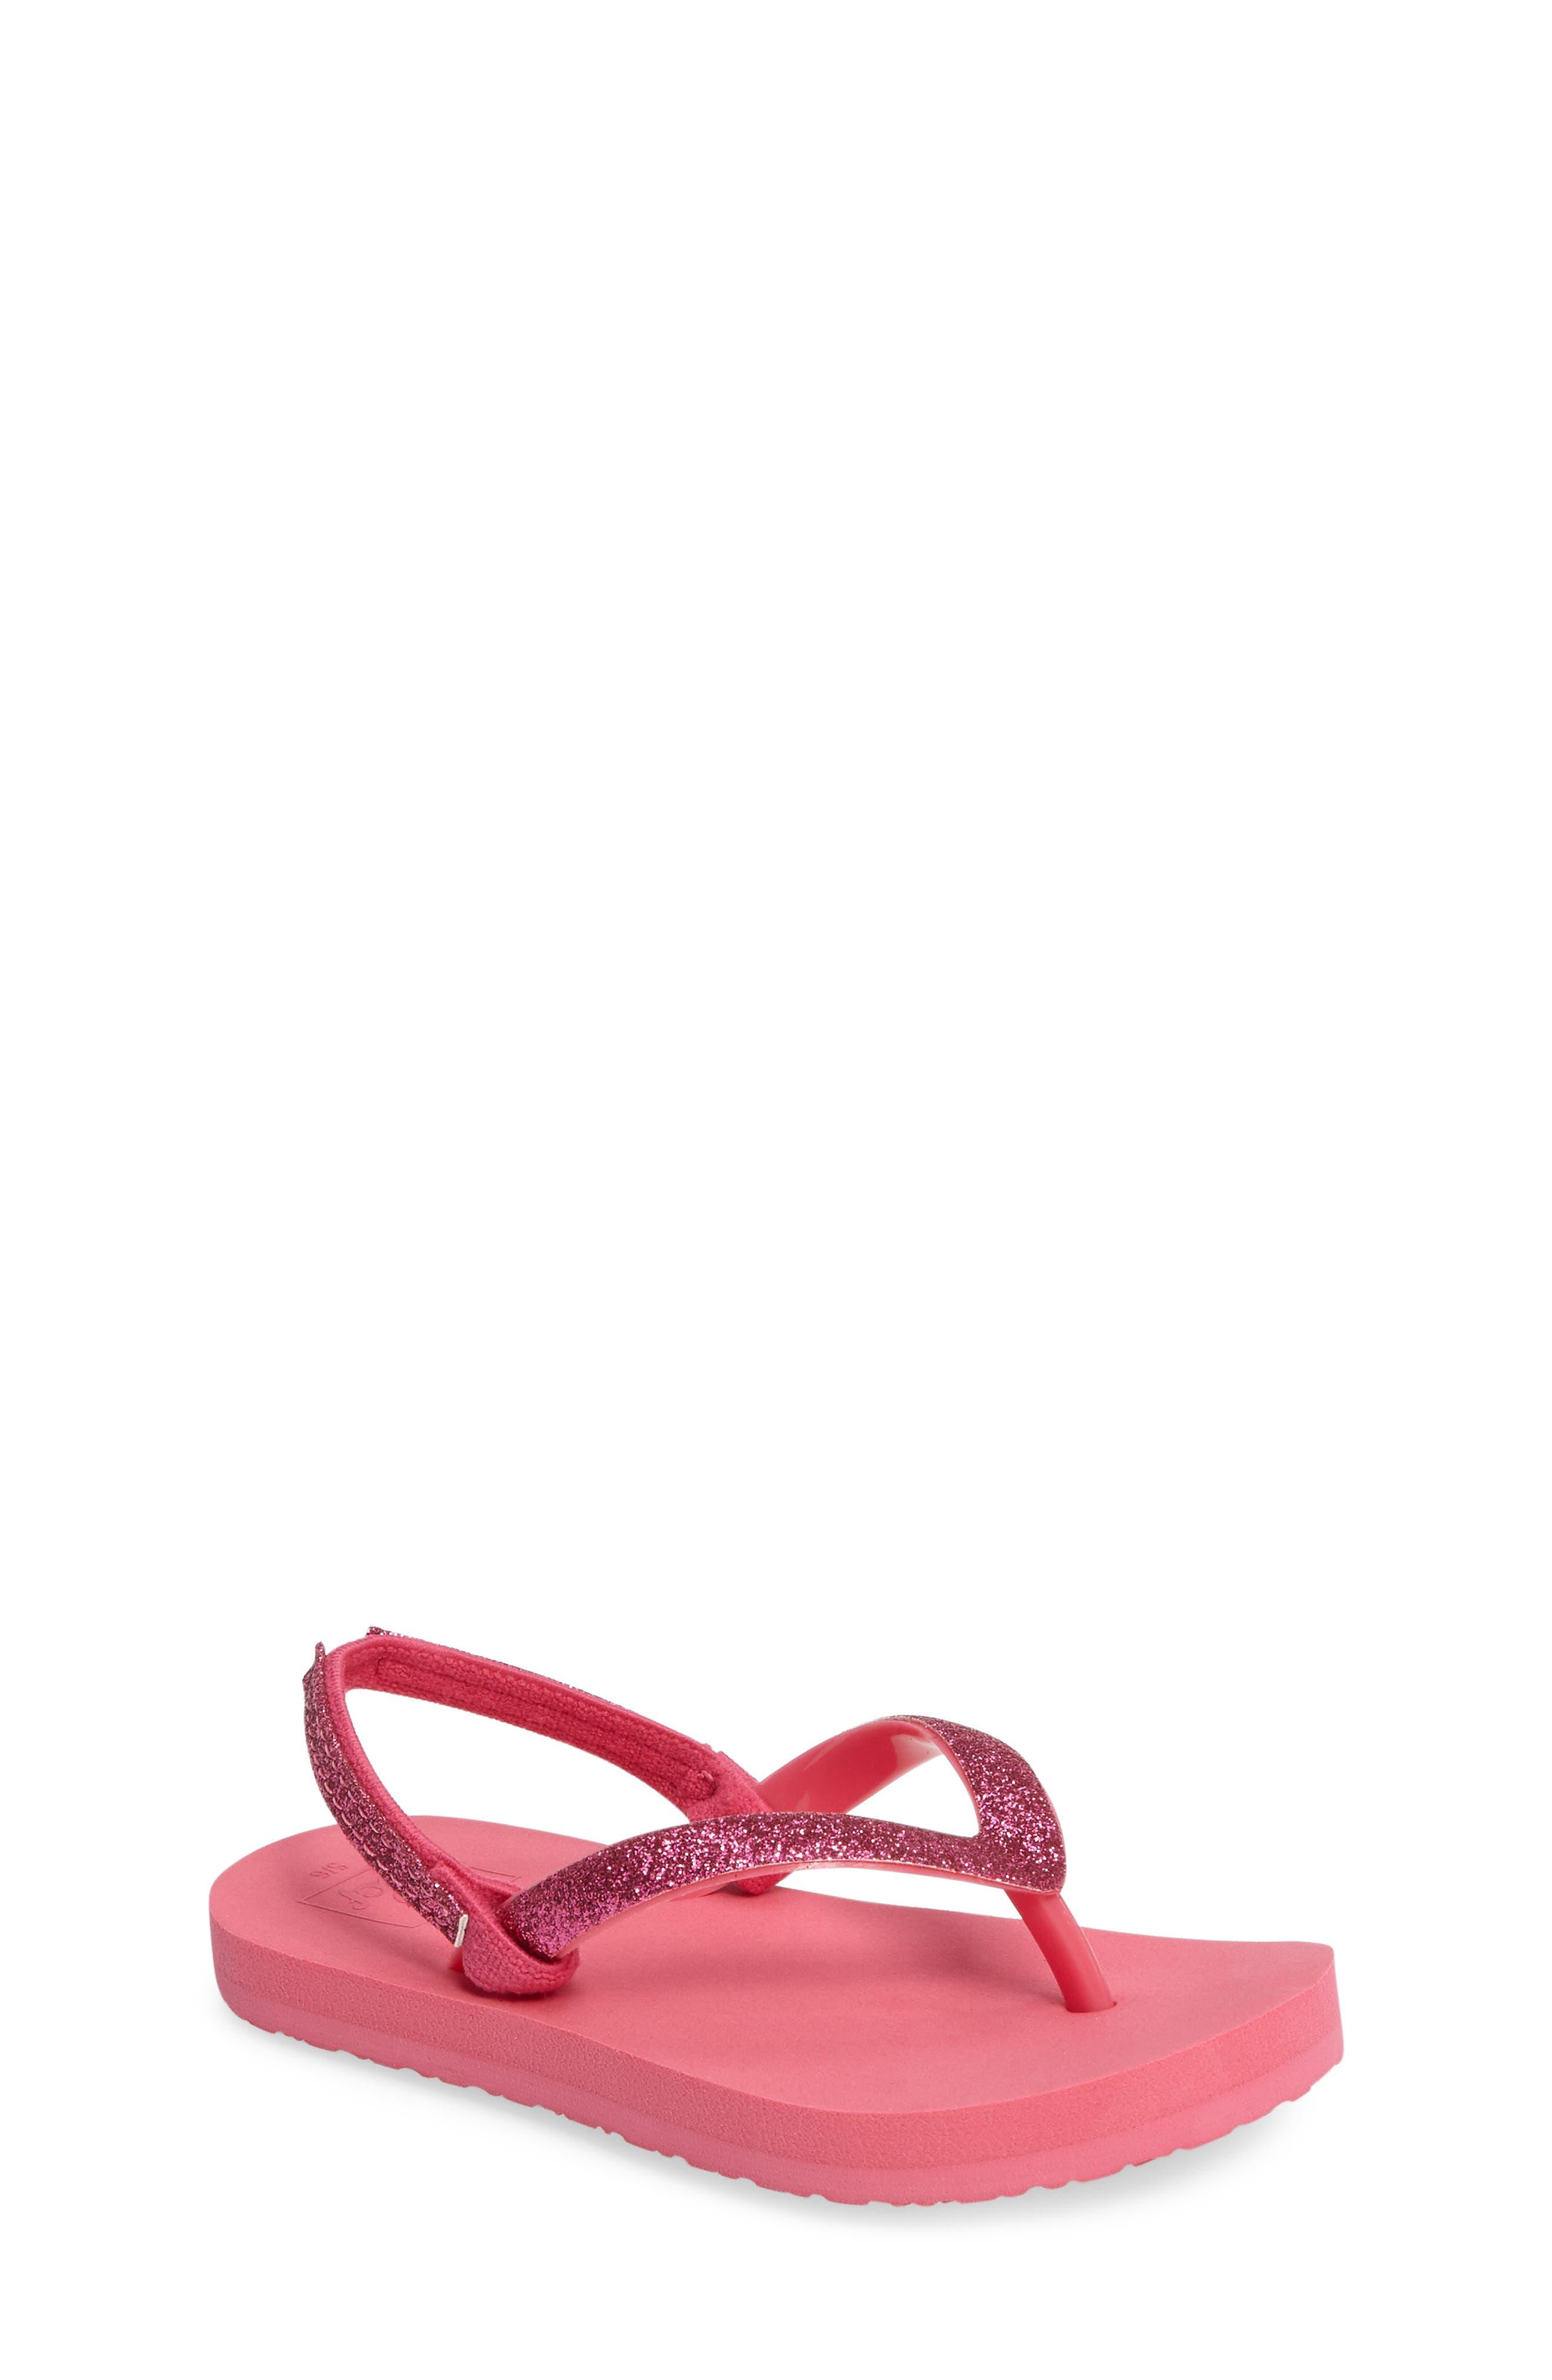 REEF Little Stargazer Glitter Sandal